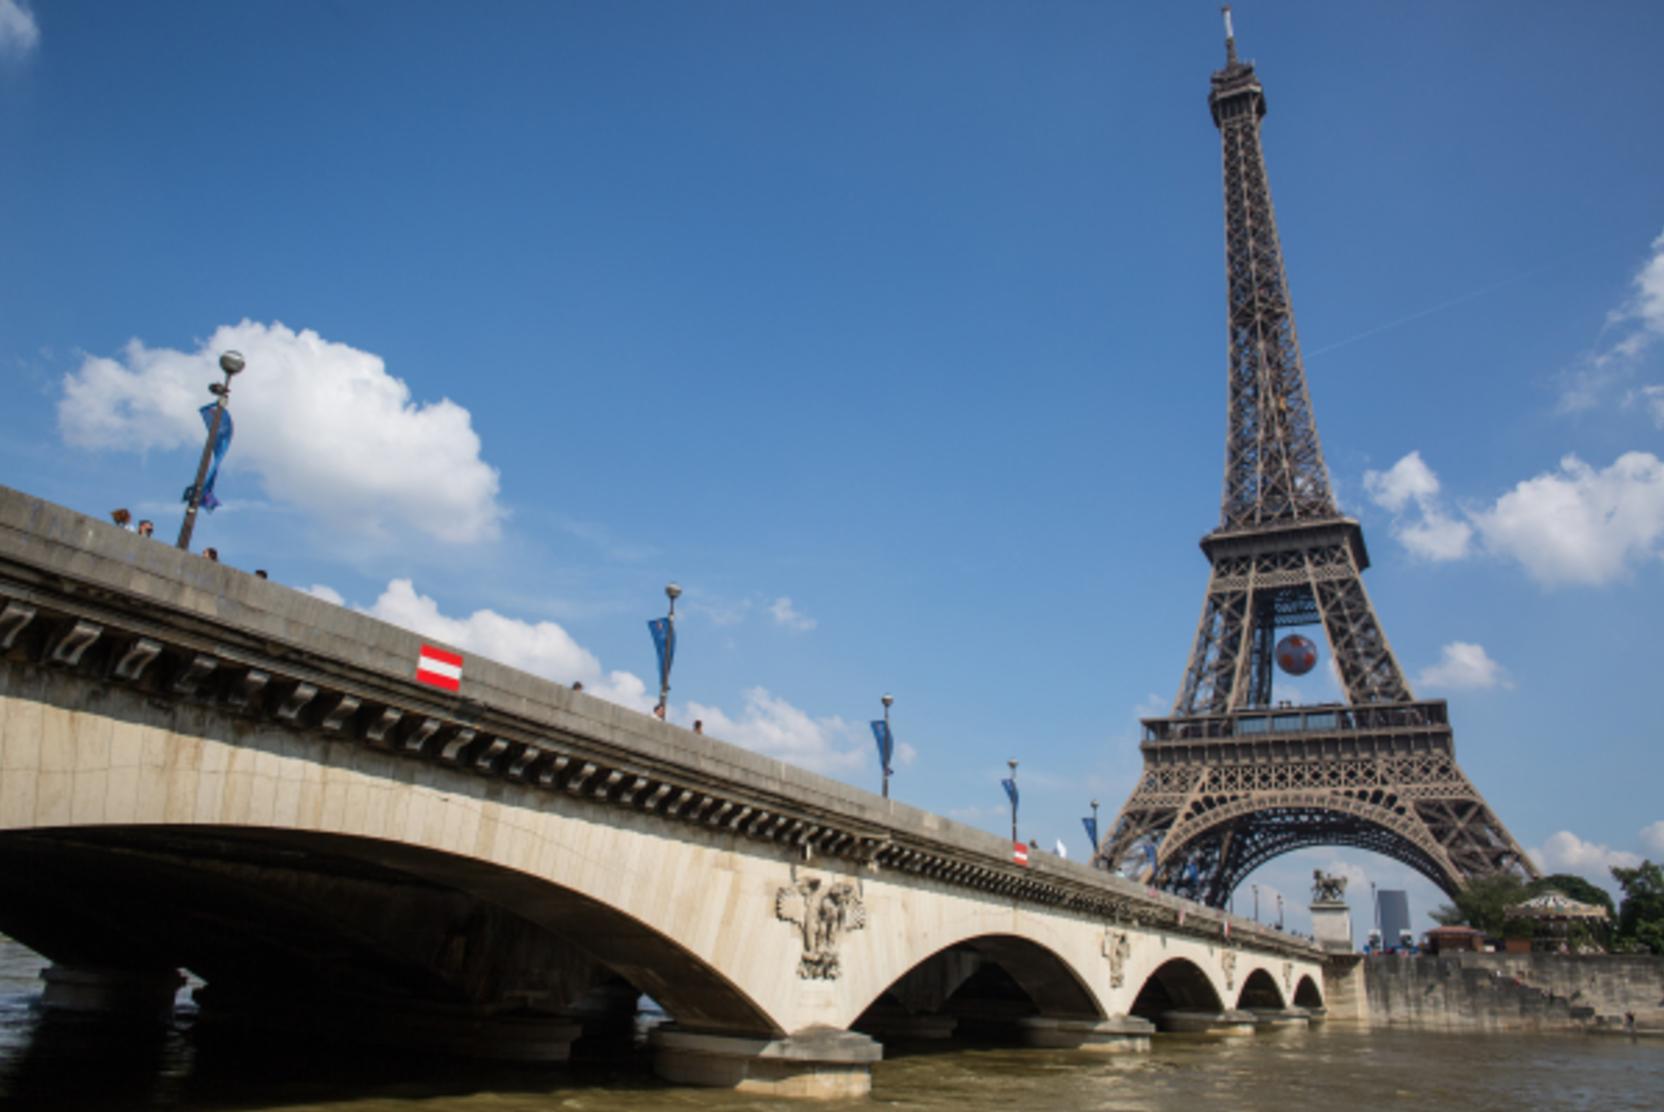 СМИ: Один человек погиб в результате стрельбы в Париже